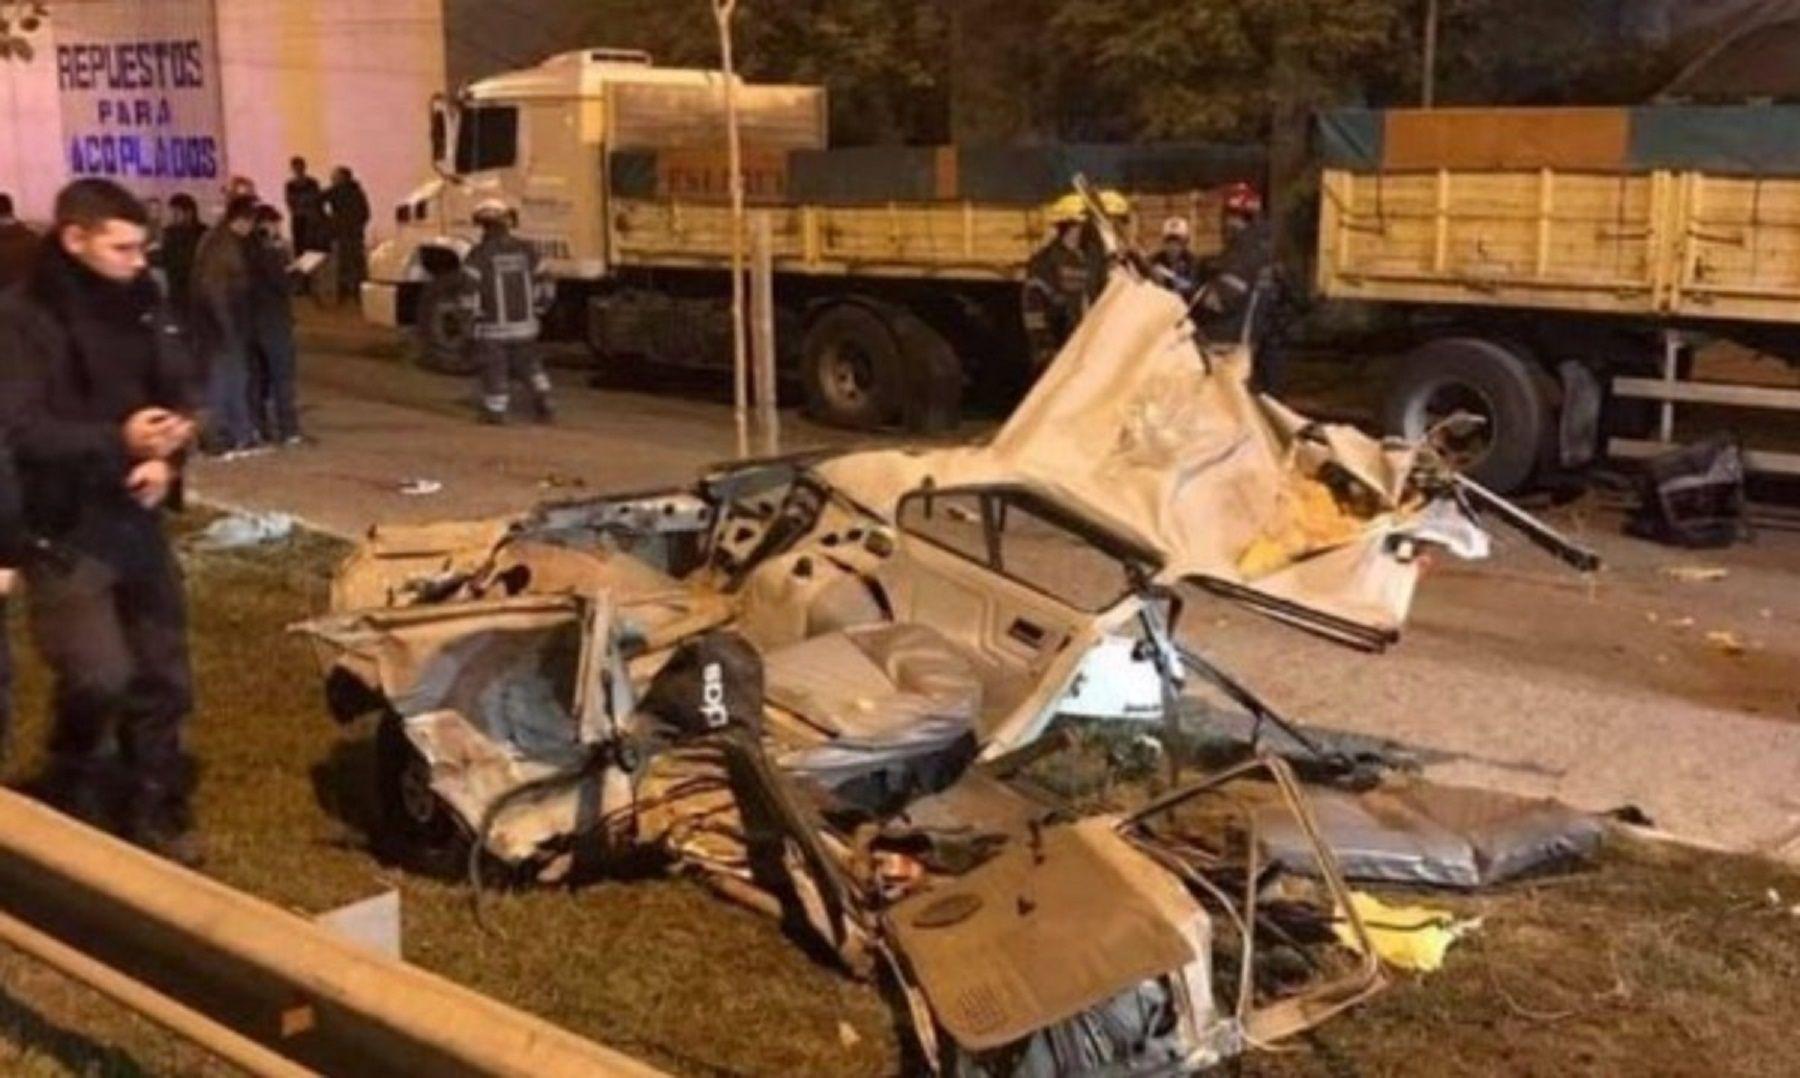 Los hierros retorcidos del auto que protagonizó el accidente. Foto: FM Actitud